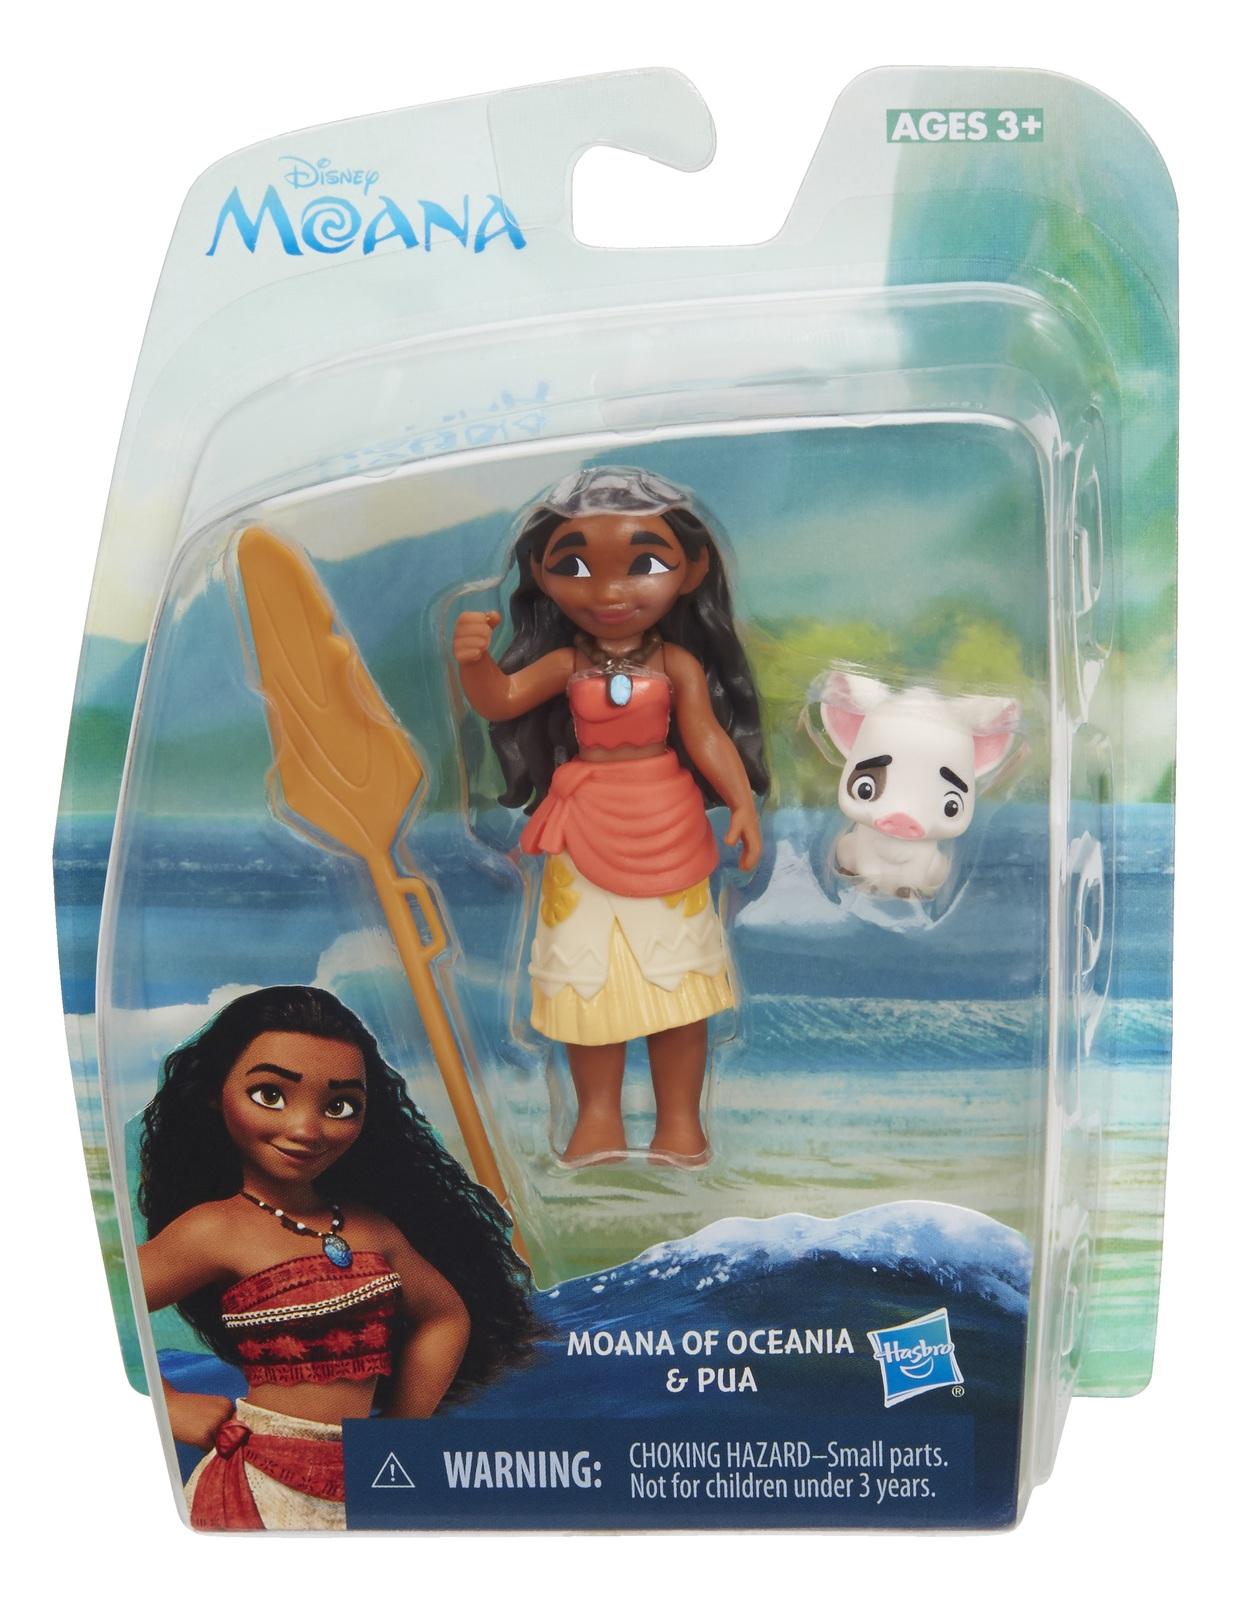 Disney's Moana: Moana Of Oceania & Pua - Small Doll Set image